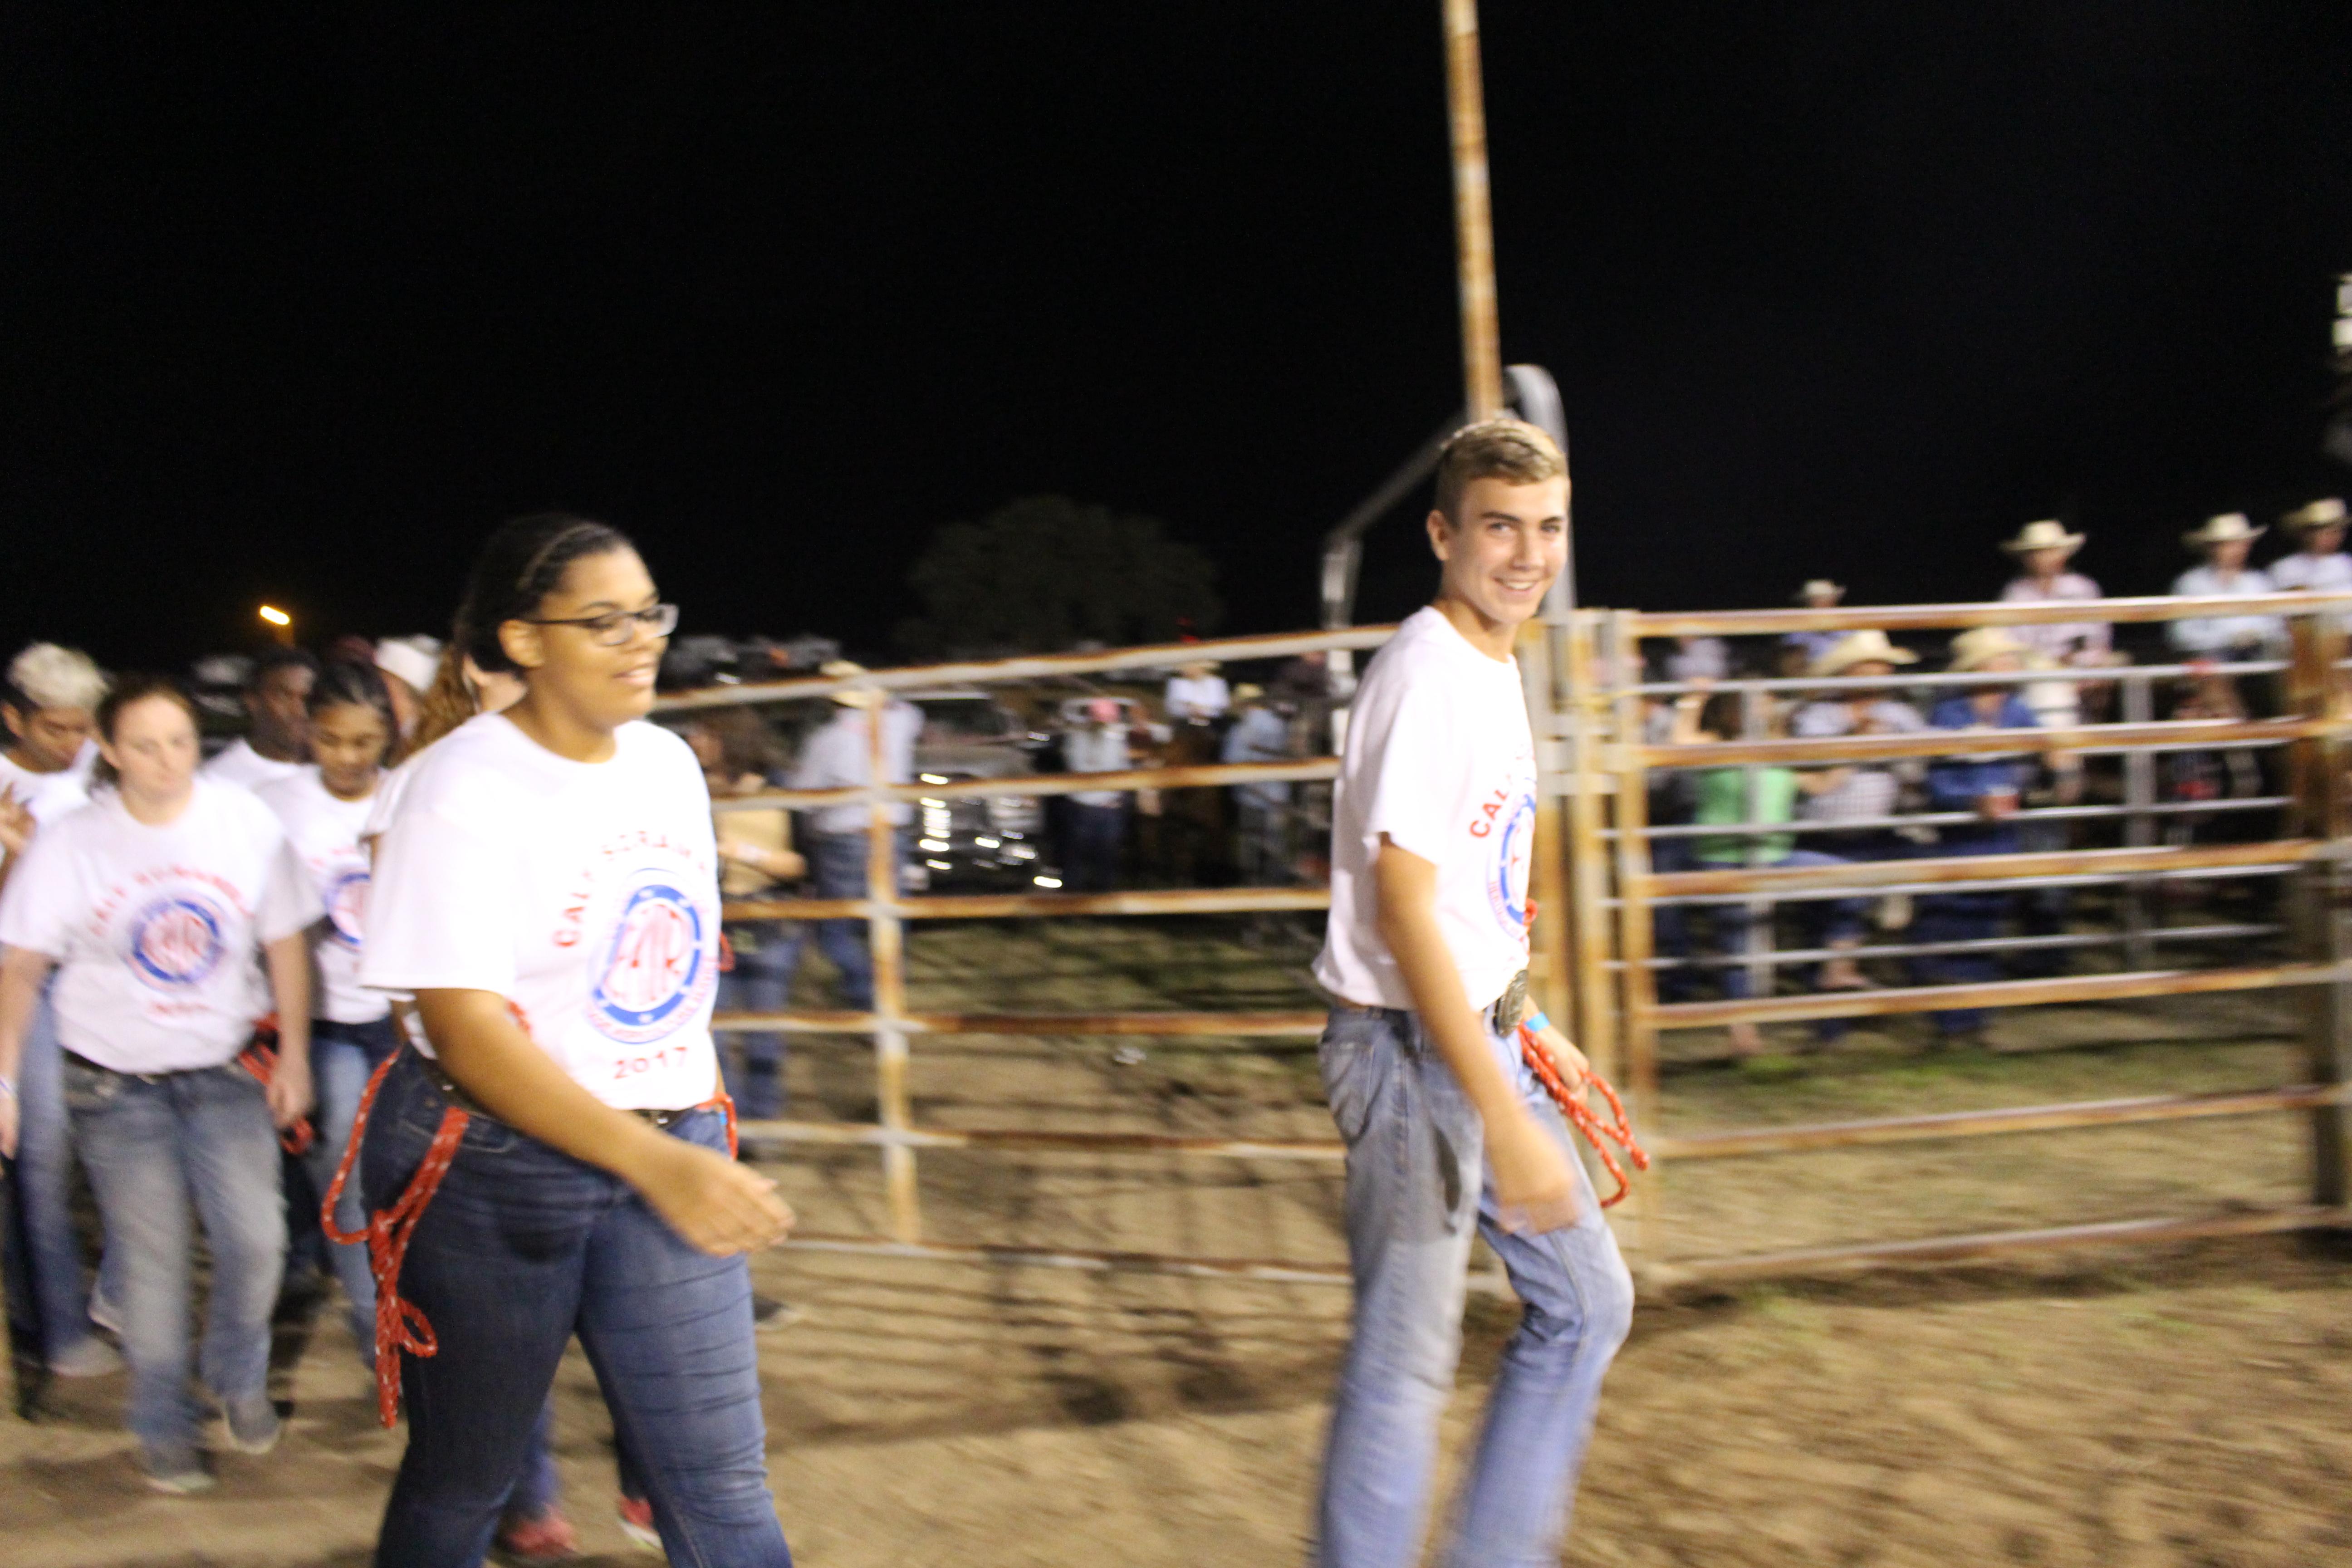 Calf Scramble Colorado County Fair Association